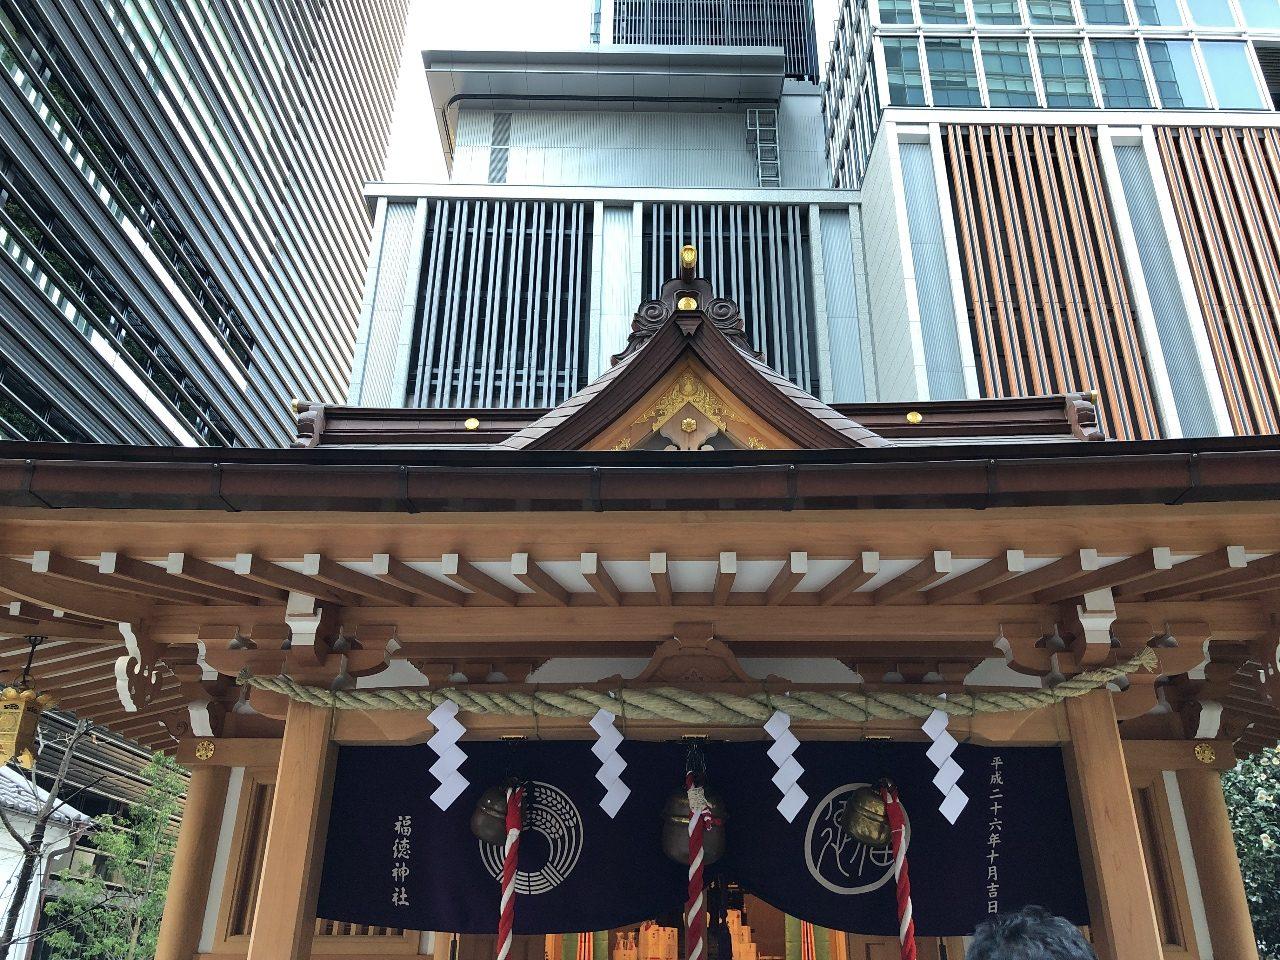 周りは高層ビルに囲まれた福徳神社